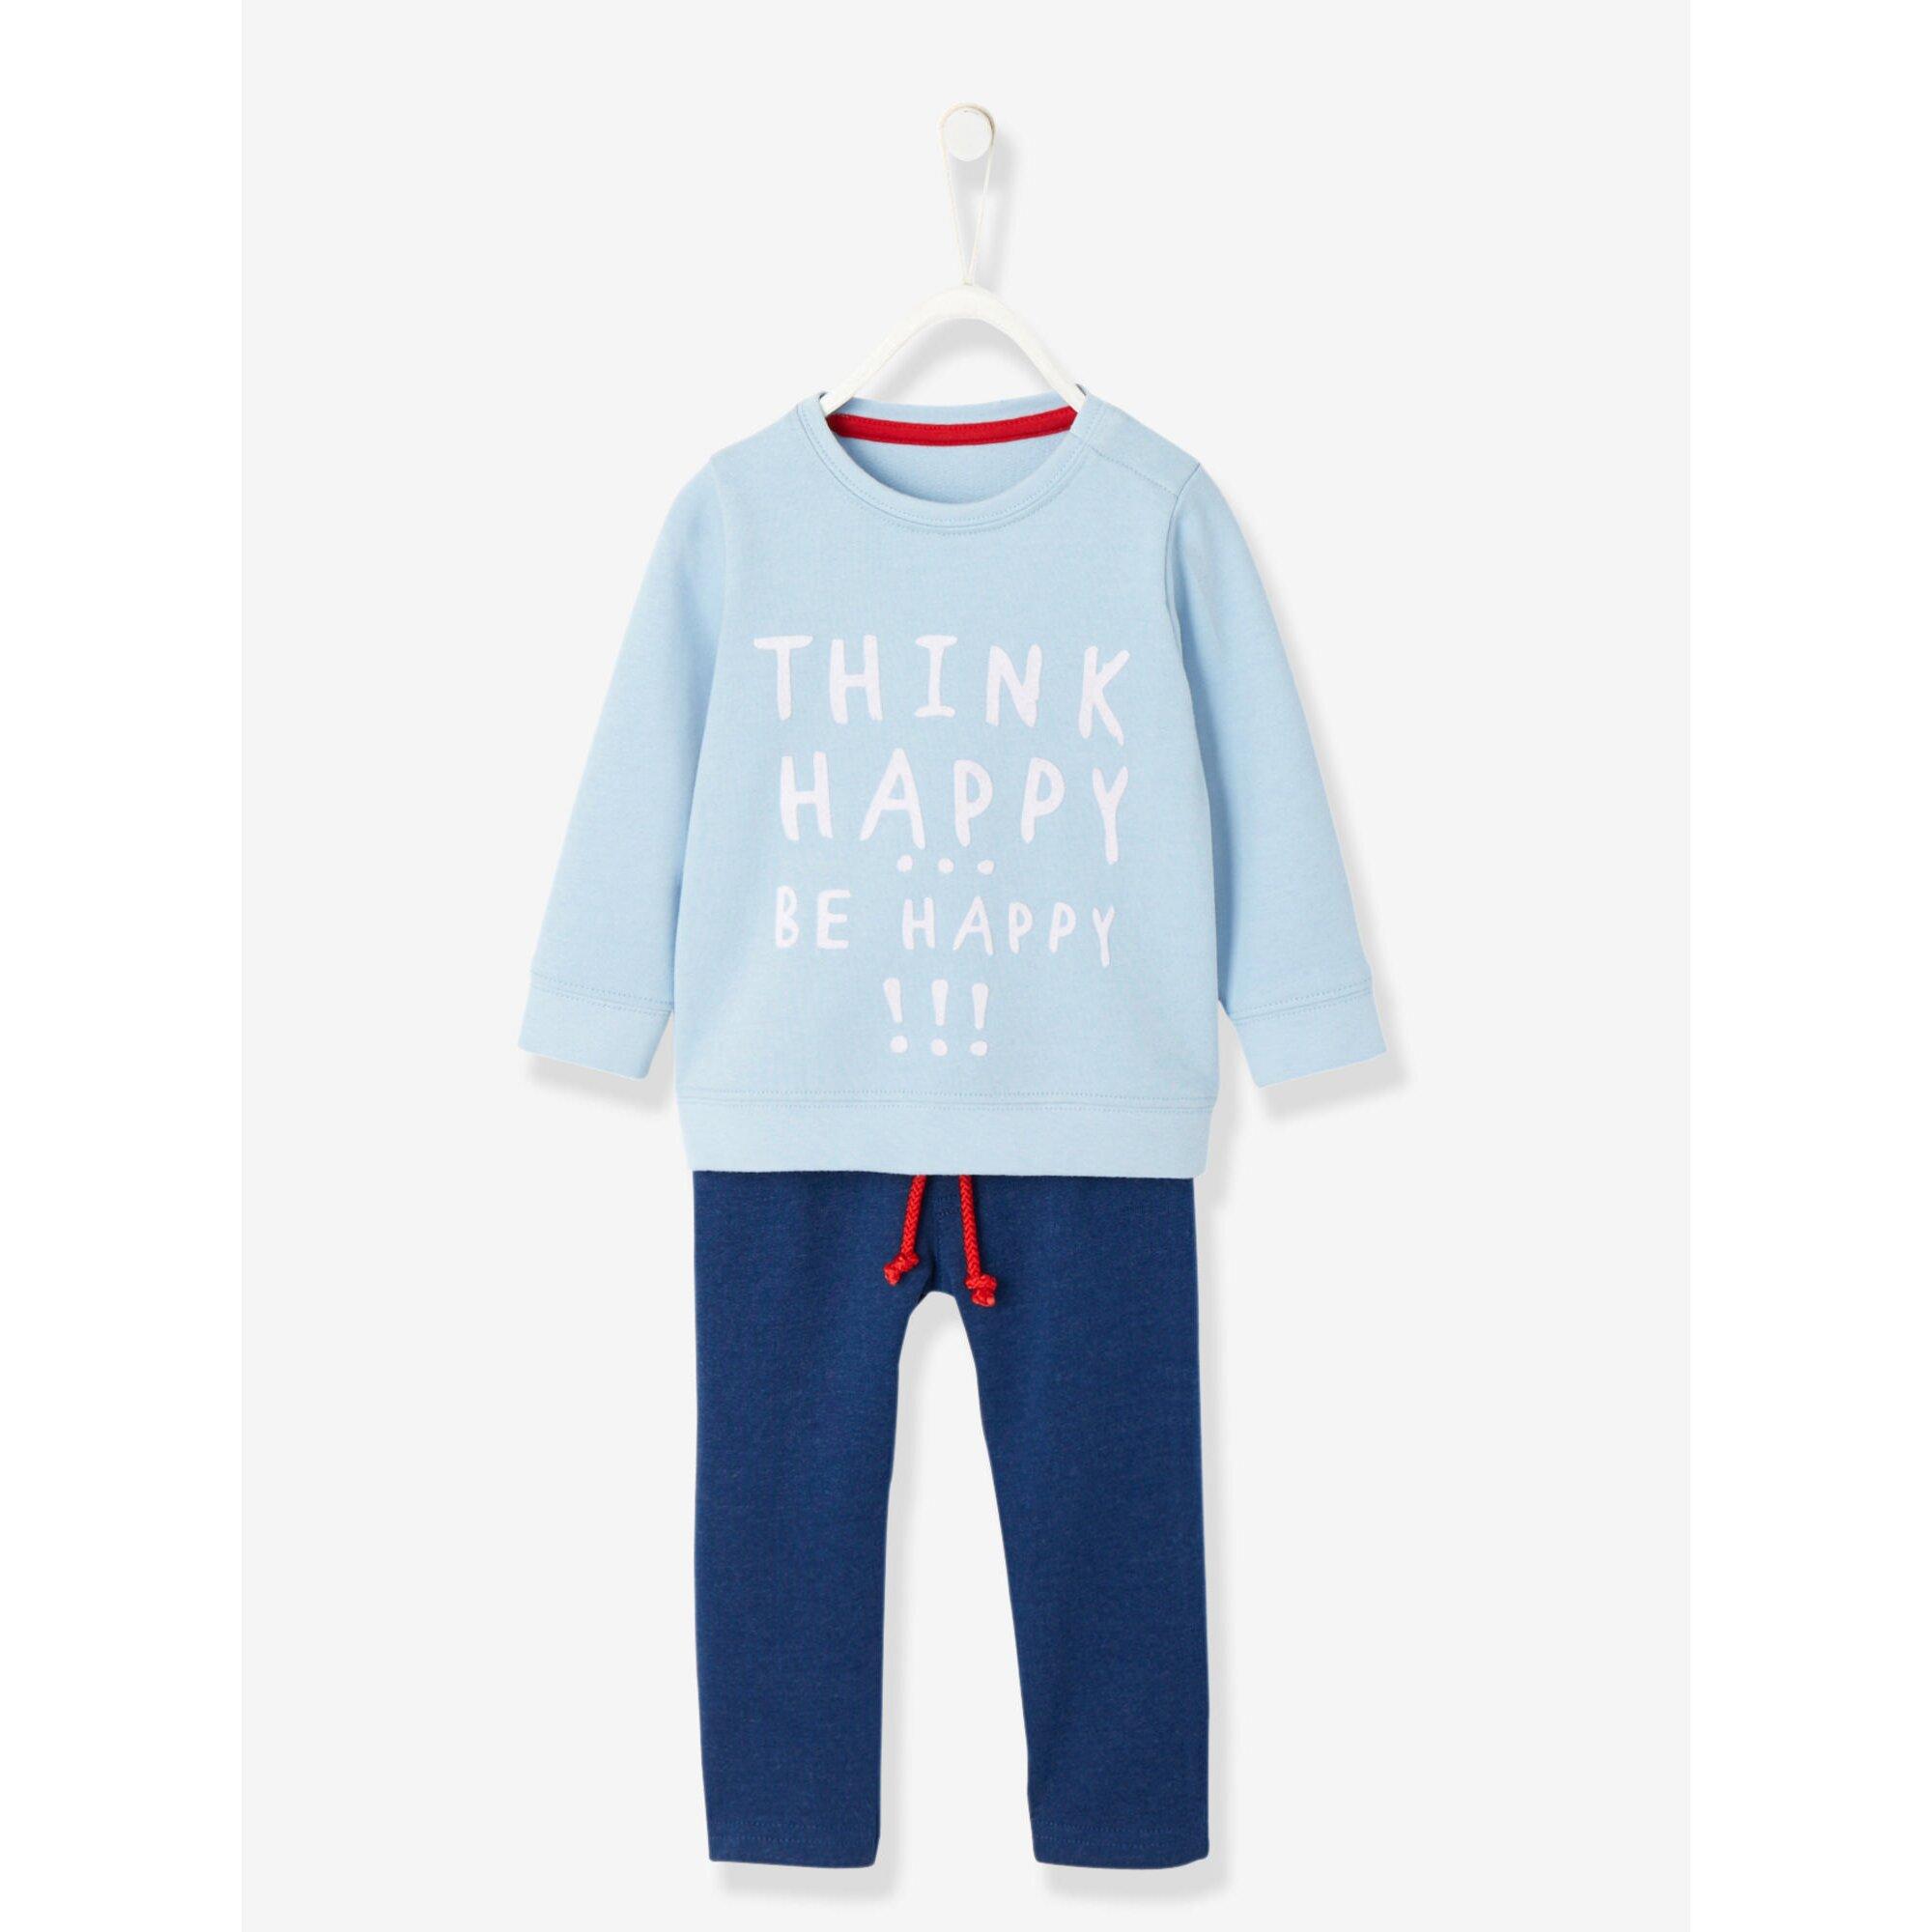 vertbaudet-sweatshirt-und-jogginghose-fur-baby-jungen